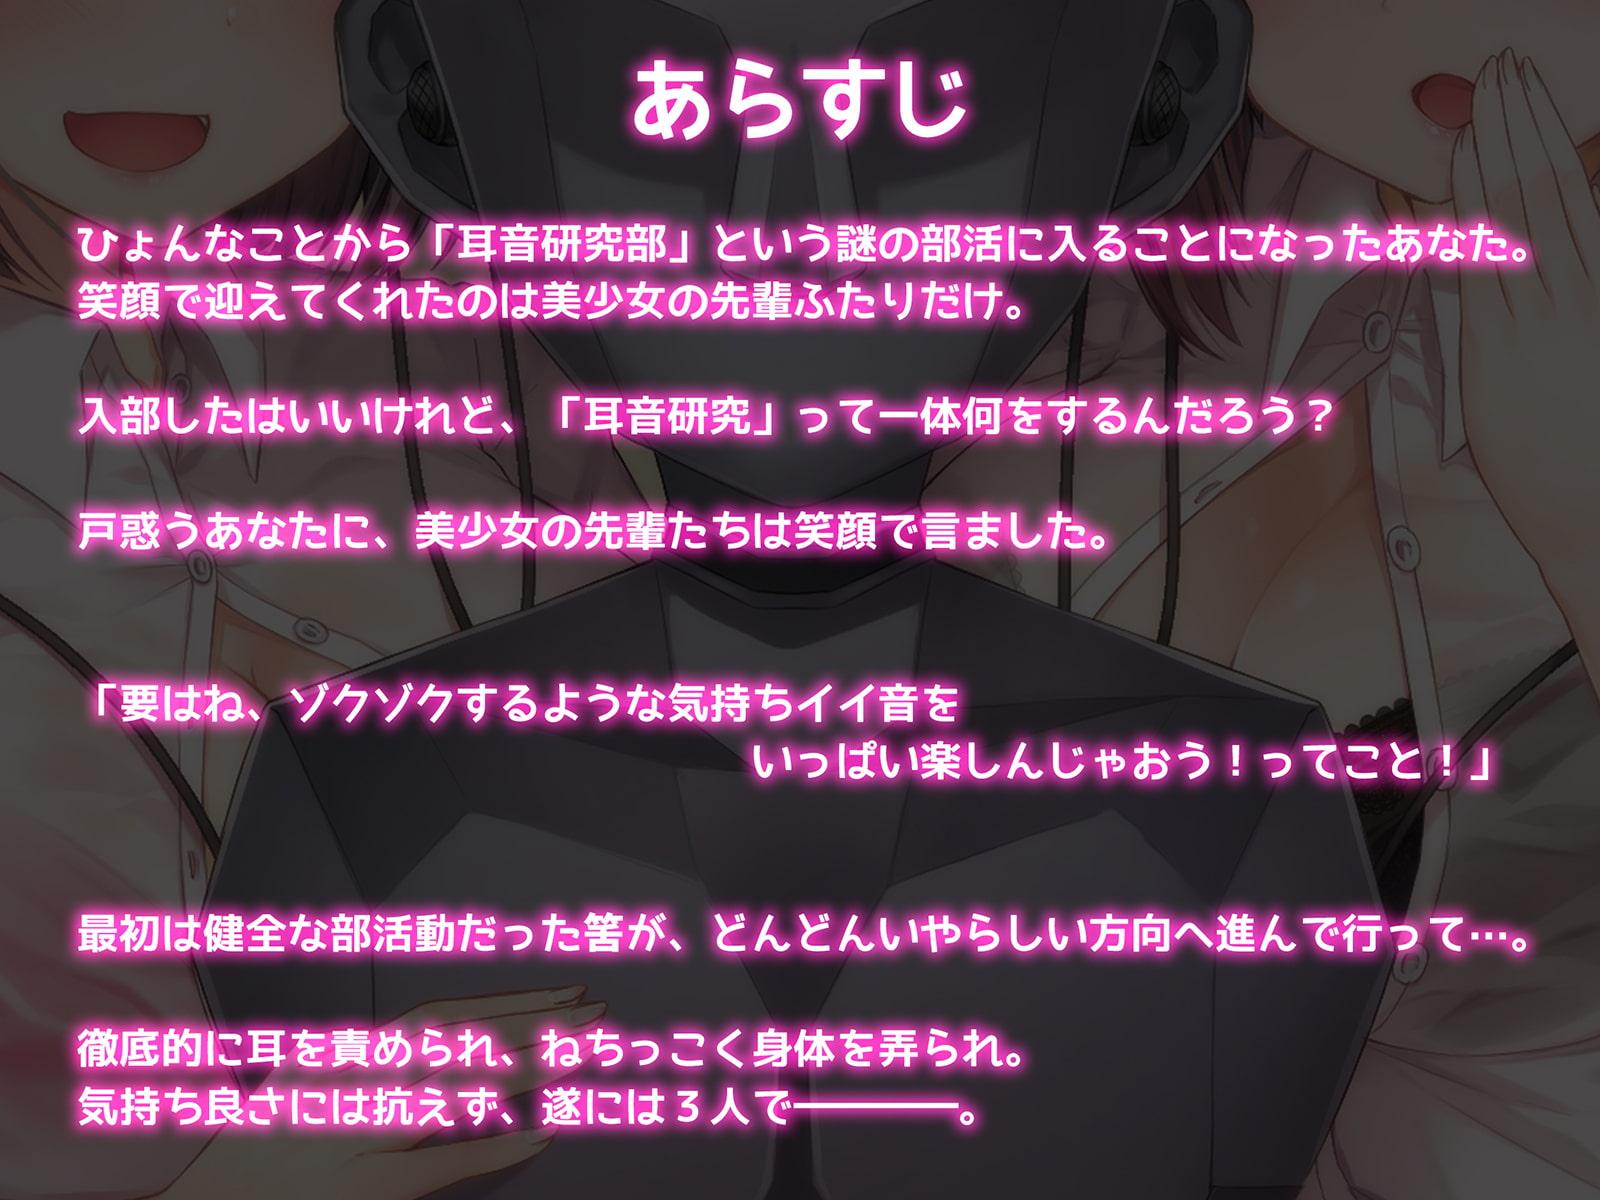 ぬぽぬぽ耳マ●コ研究会【フォーリーサウンド】